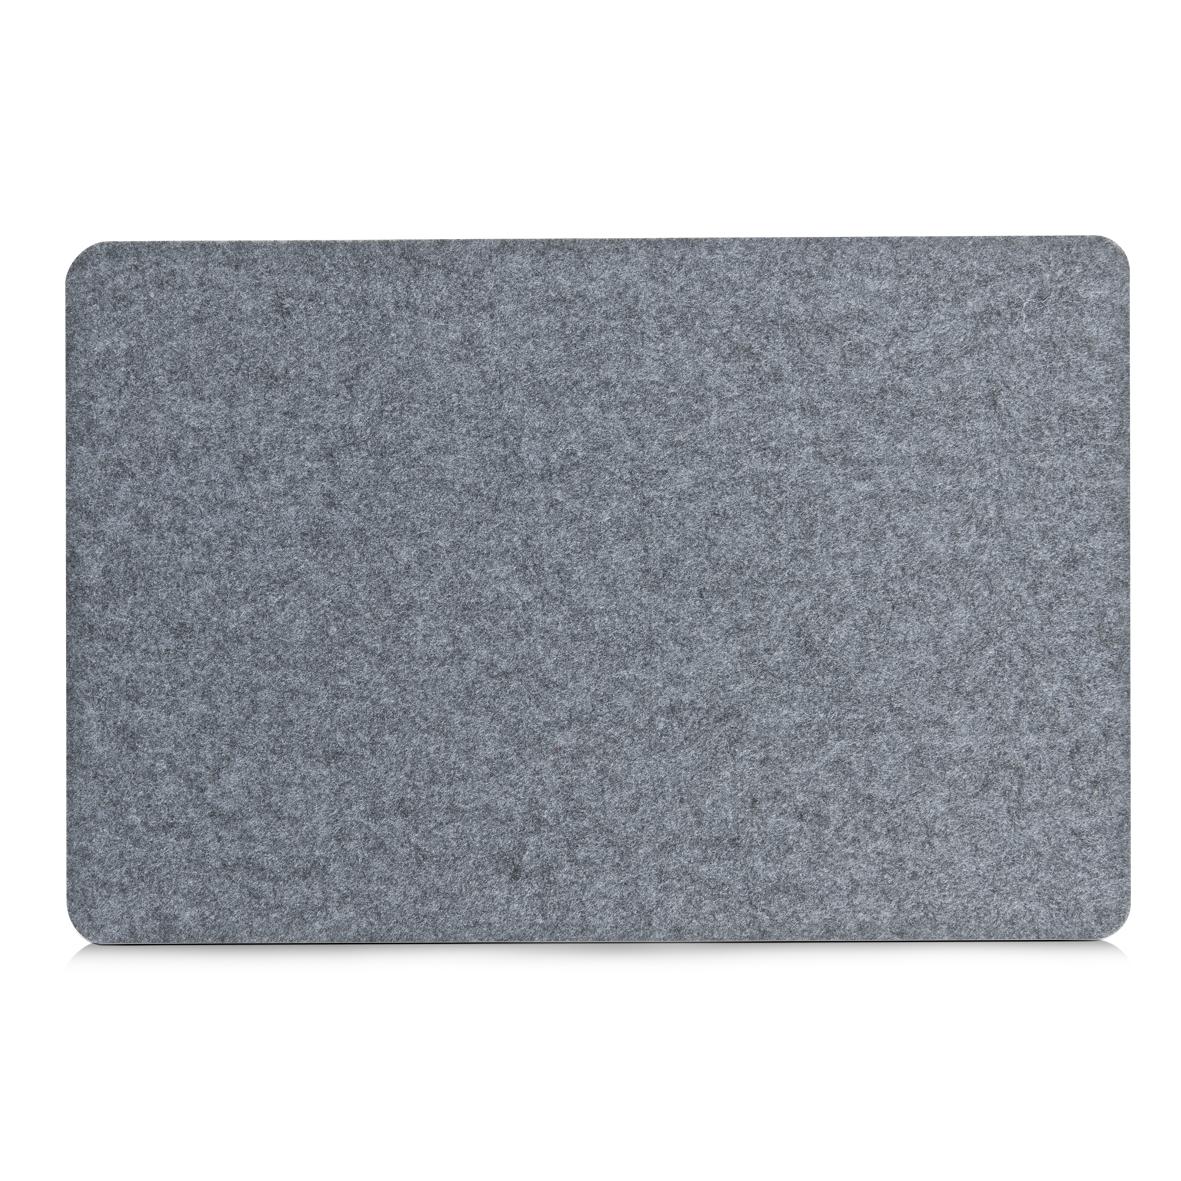 tischset filz platzset platzmatte platz tisch set decke. Black Bedroom Furniture Sets. Home Design Ideas